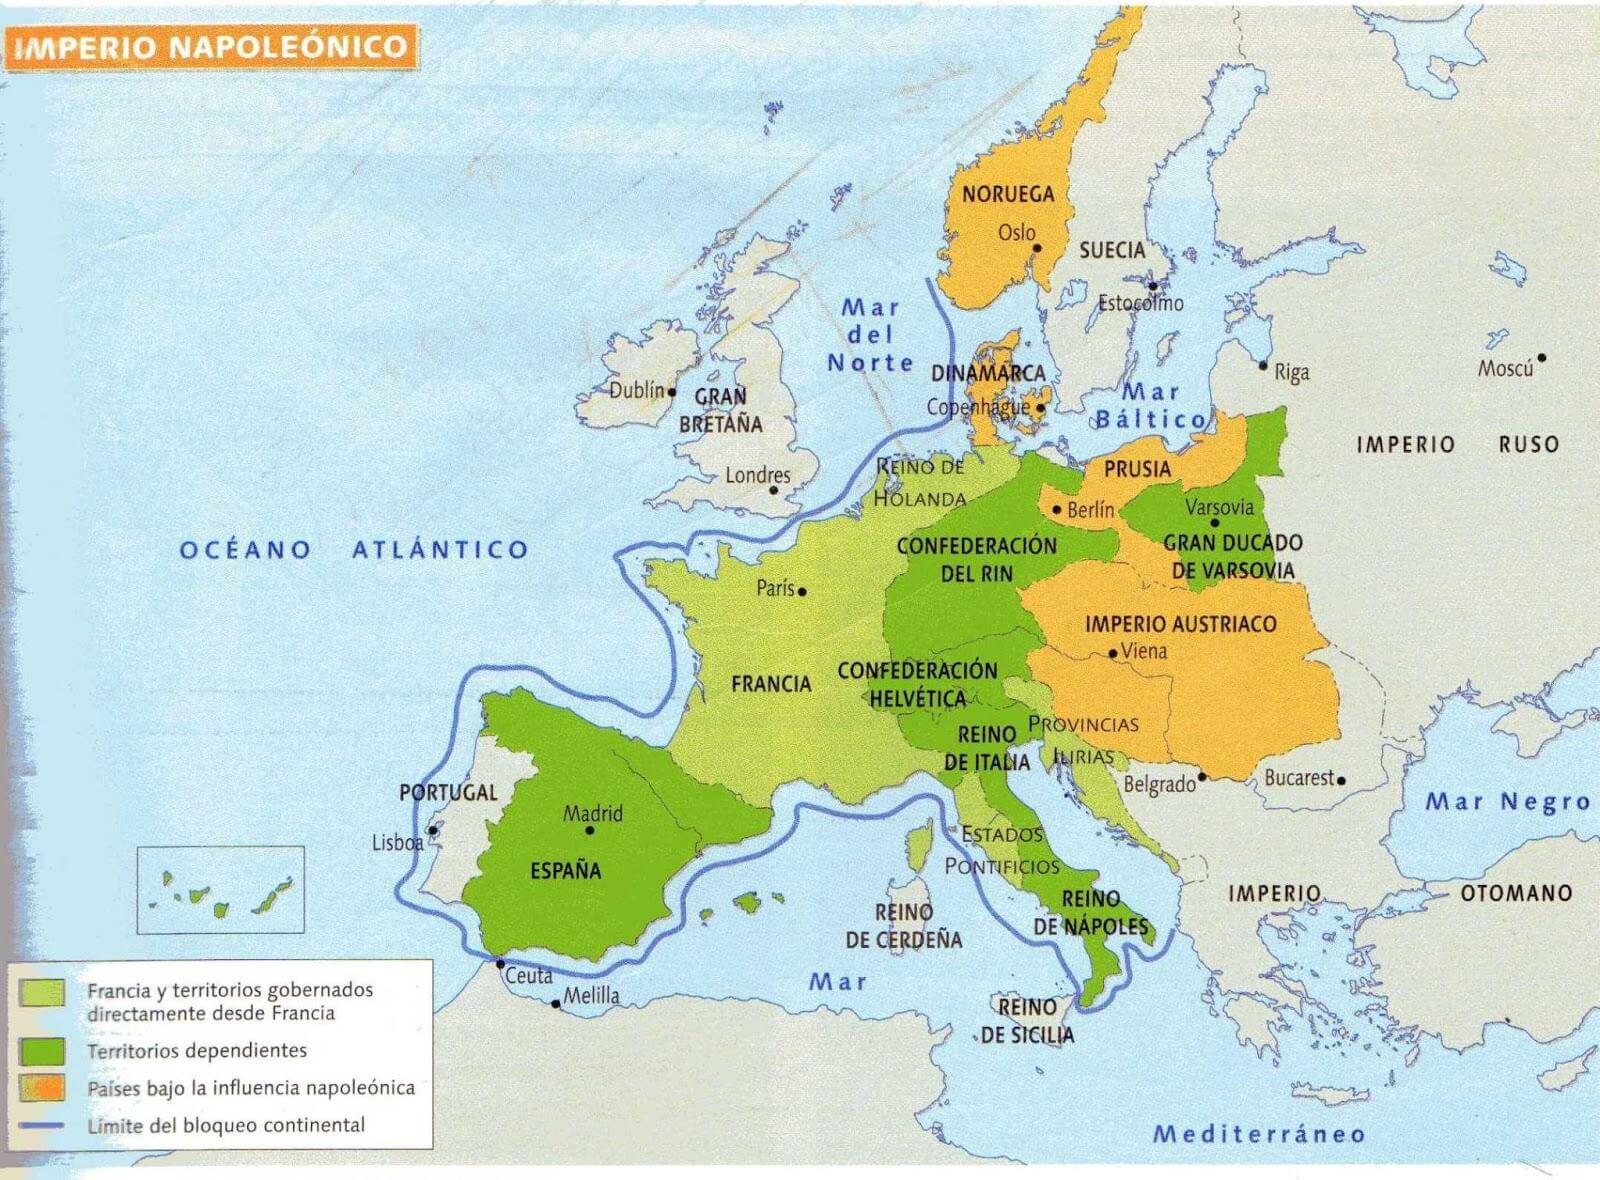 Extensión del Imperio napoleónico.